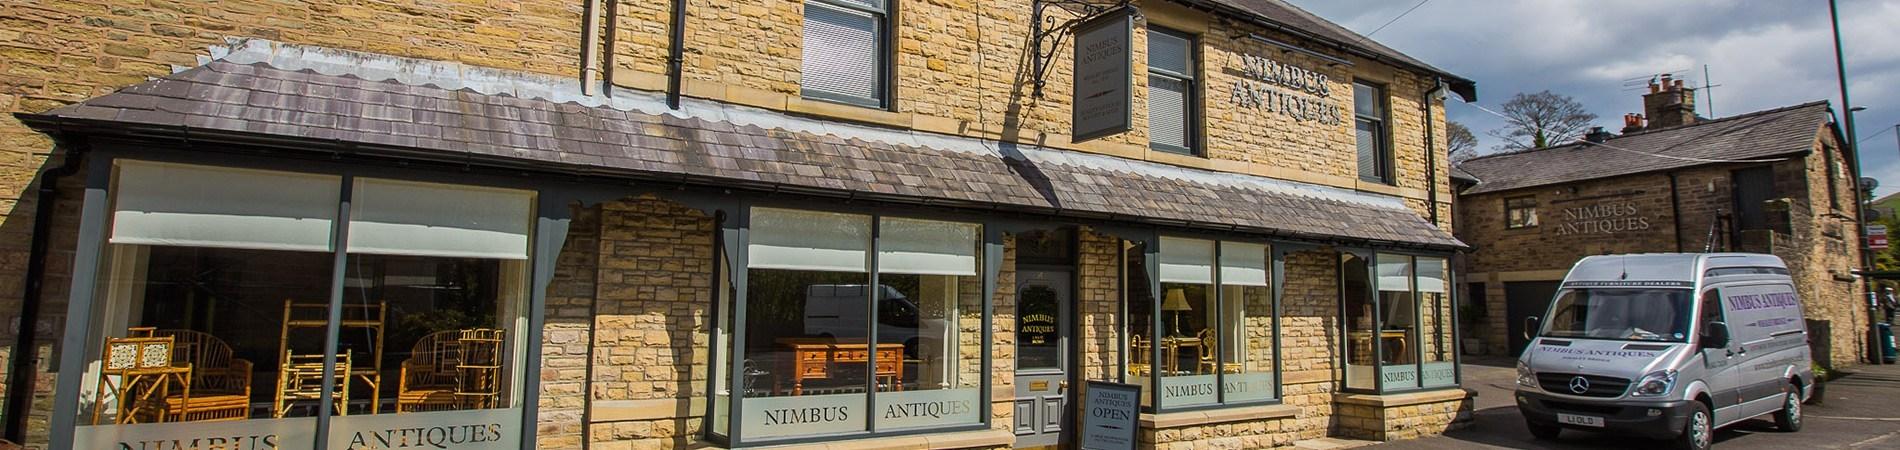 Antiques shop front